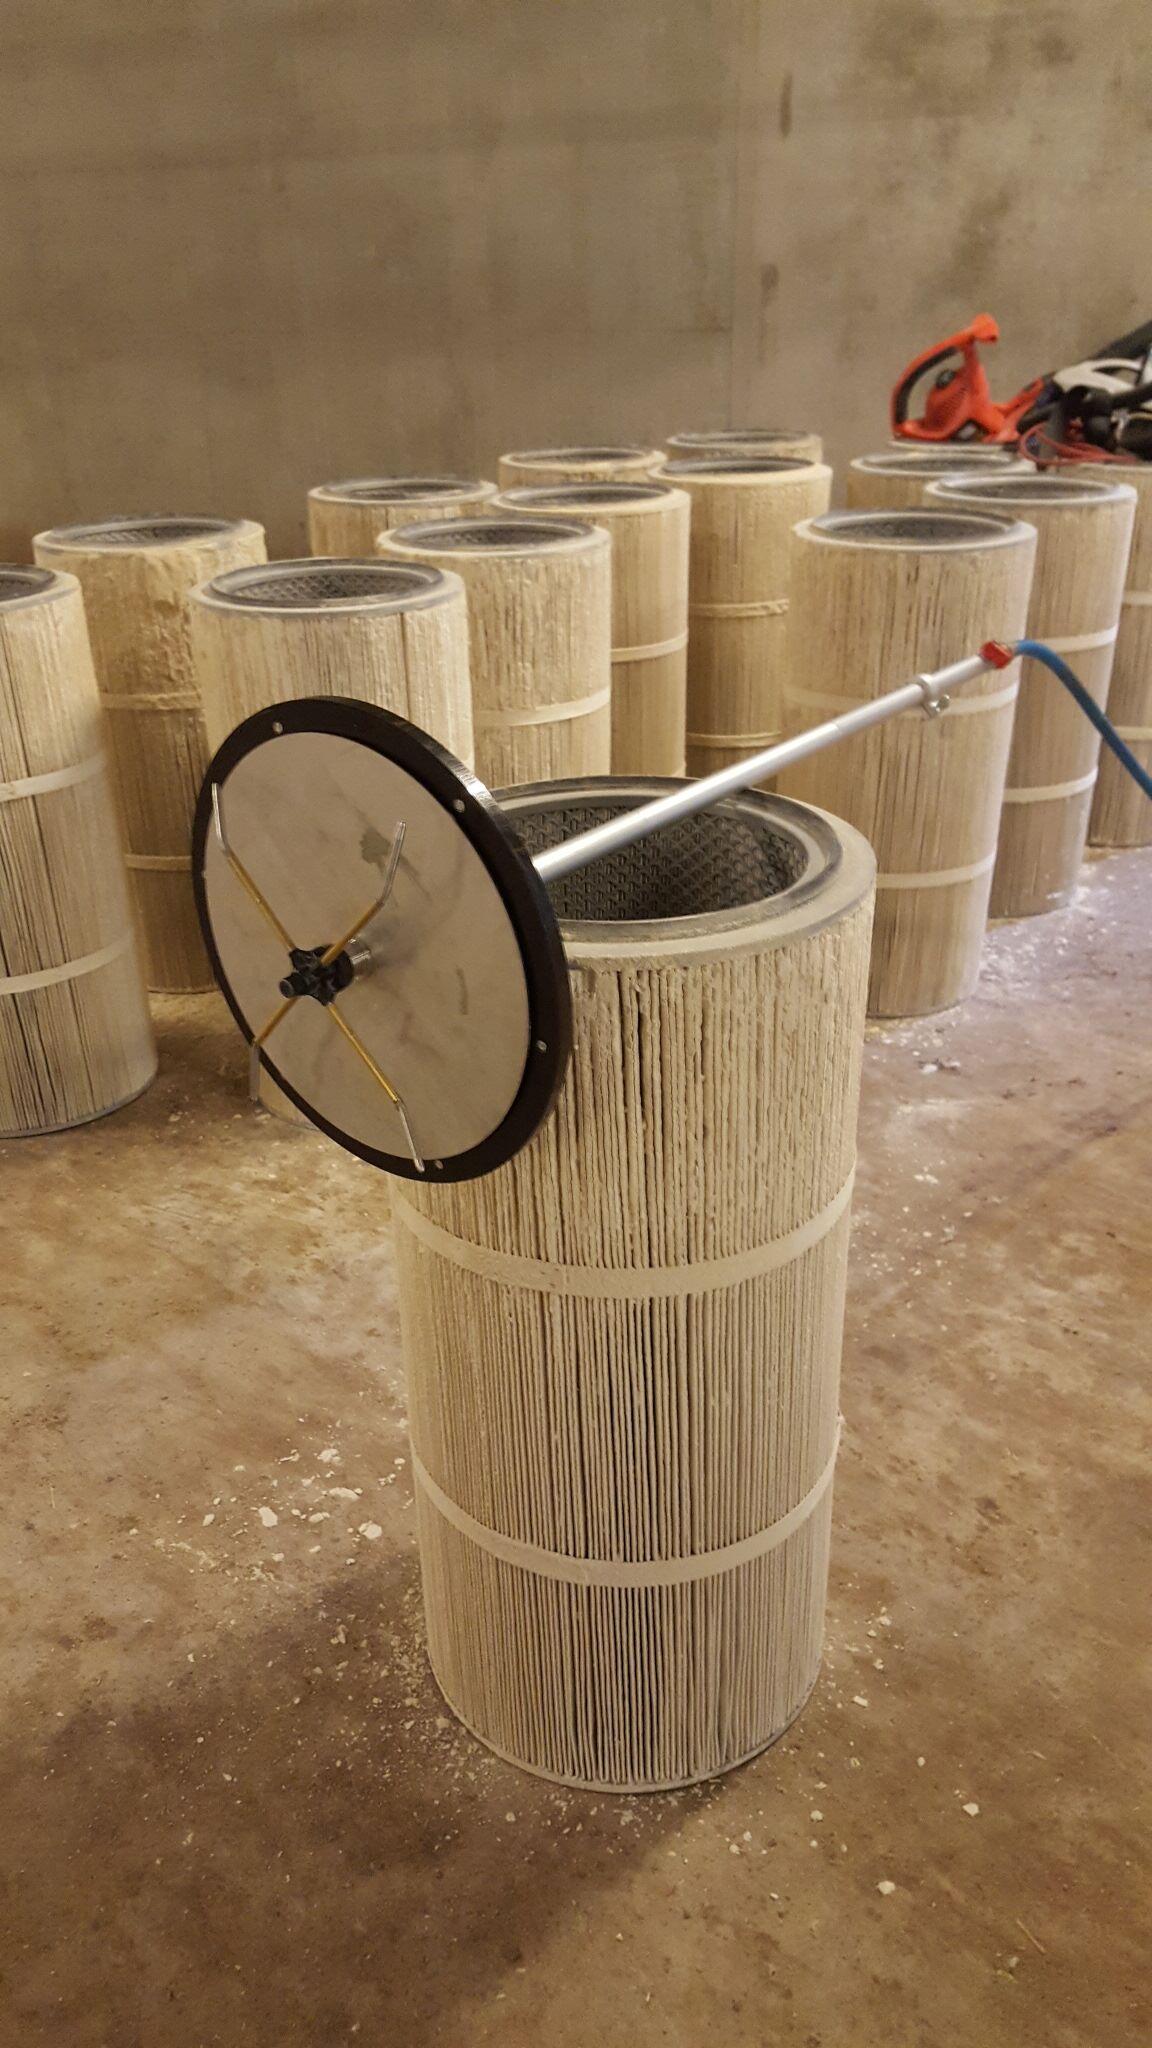 Luchtfilter reiniger in industrie